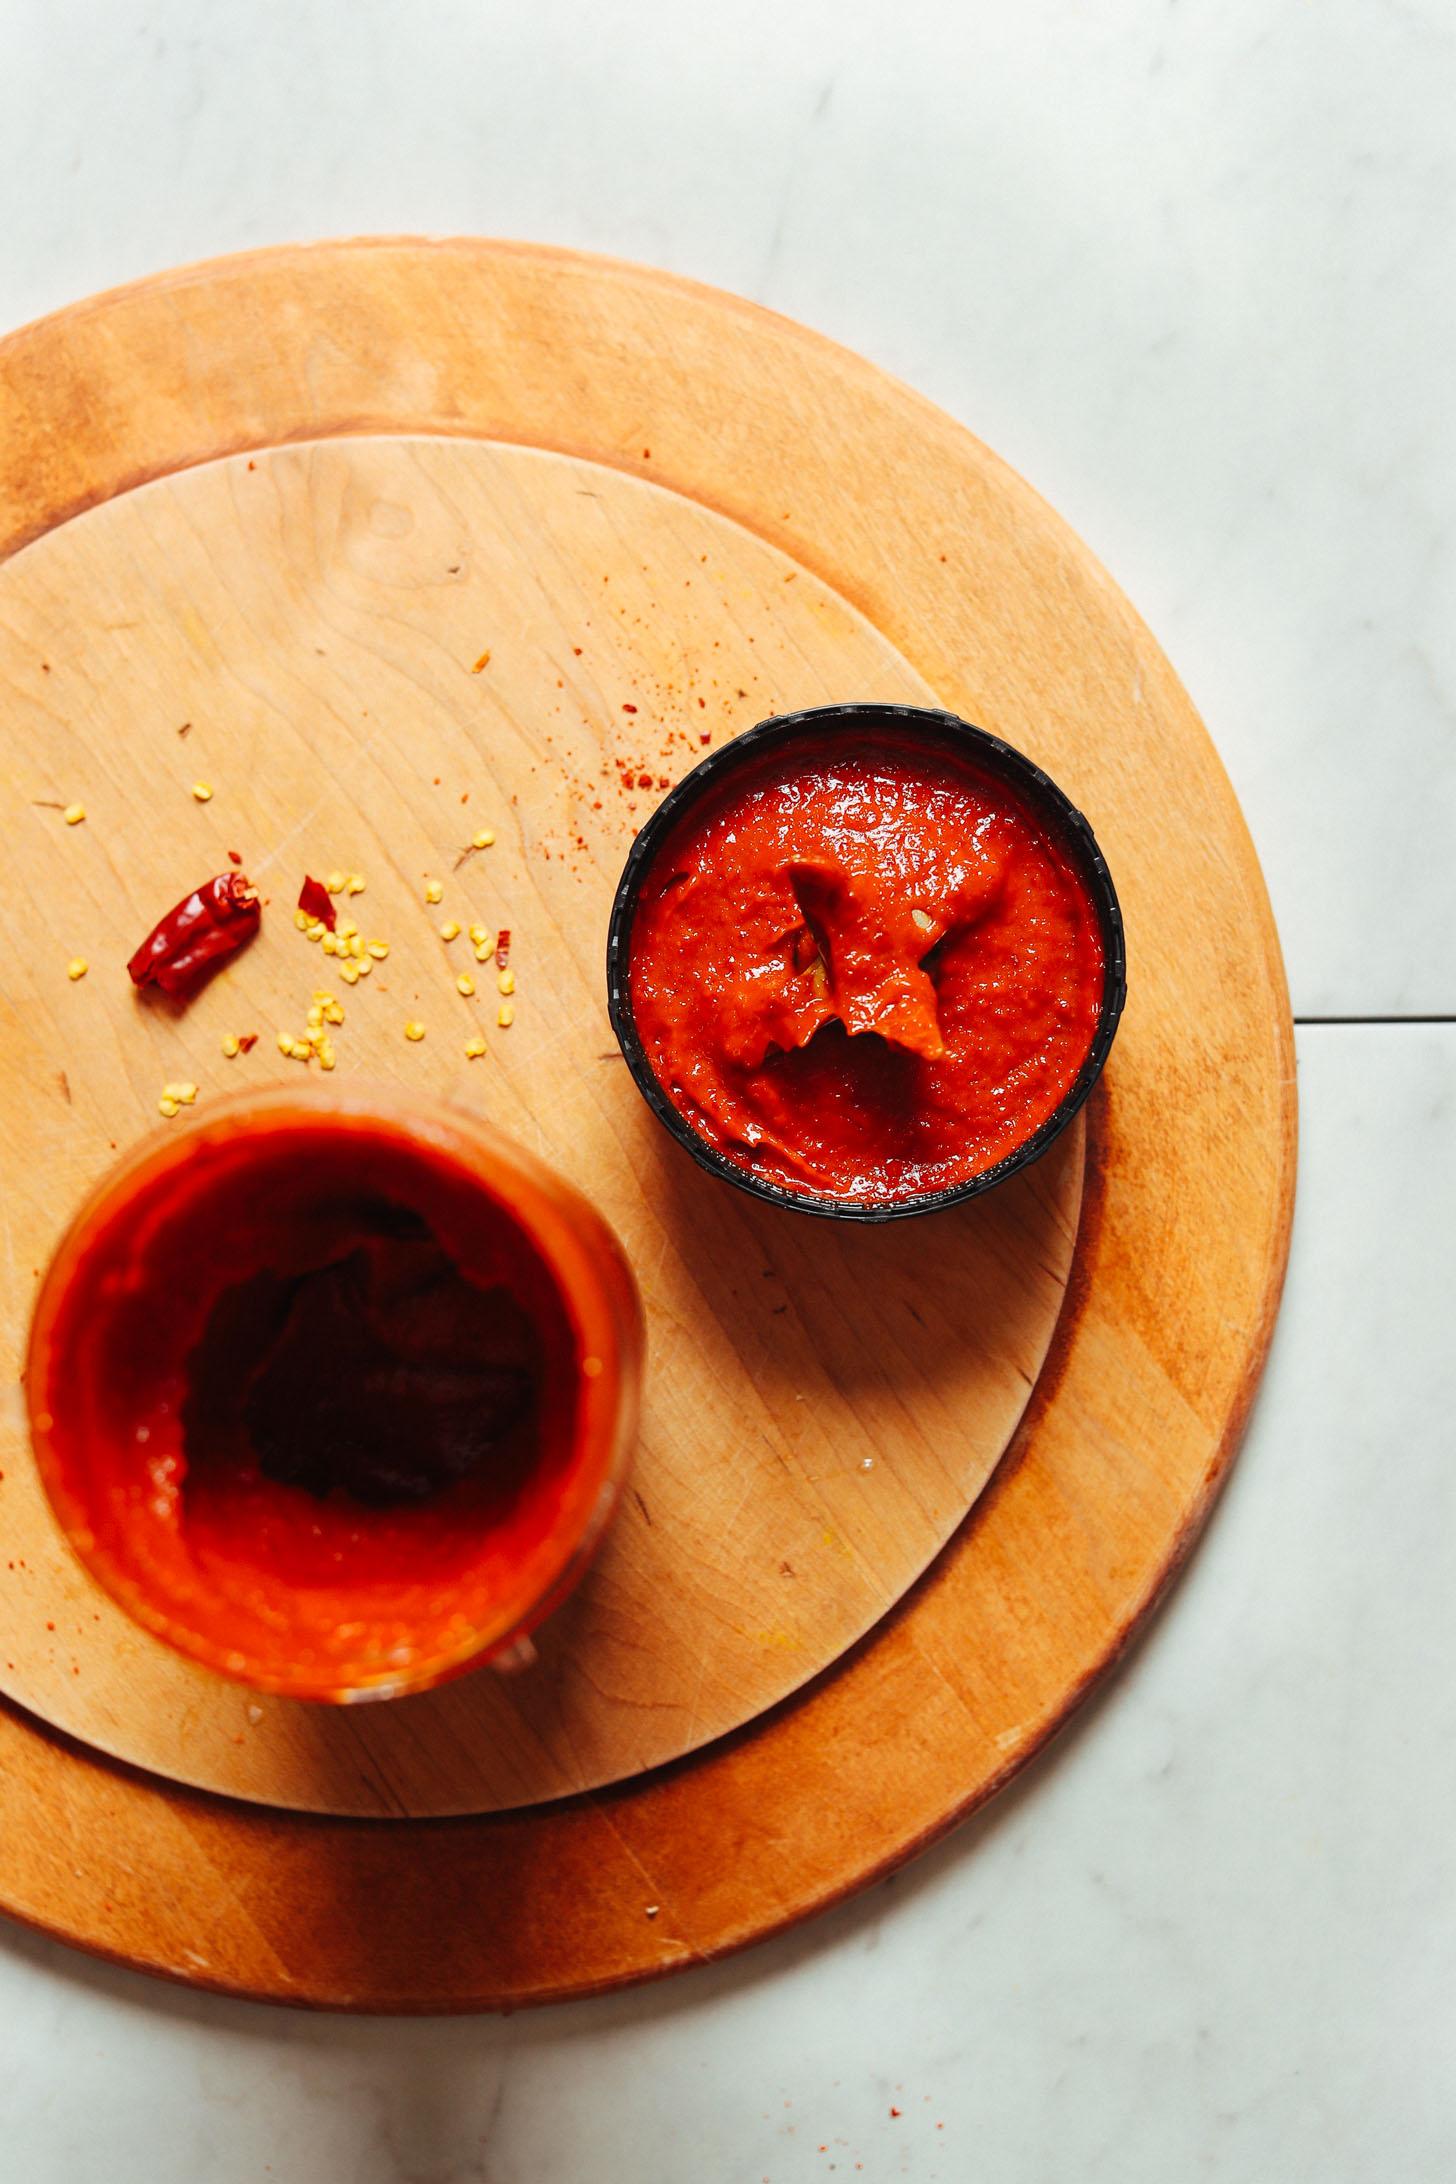 Open blender showing the easy to make Korean-Inspired Gochujang